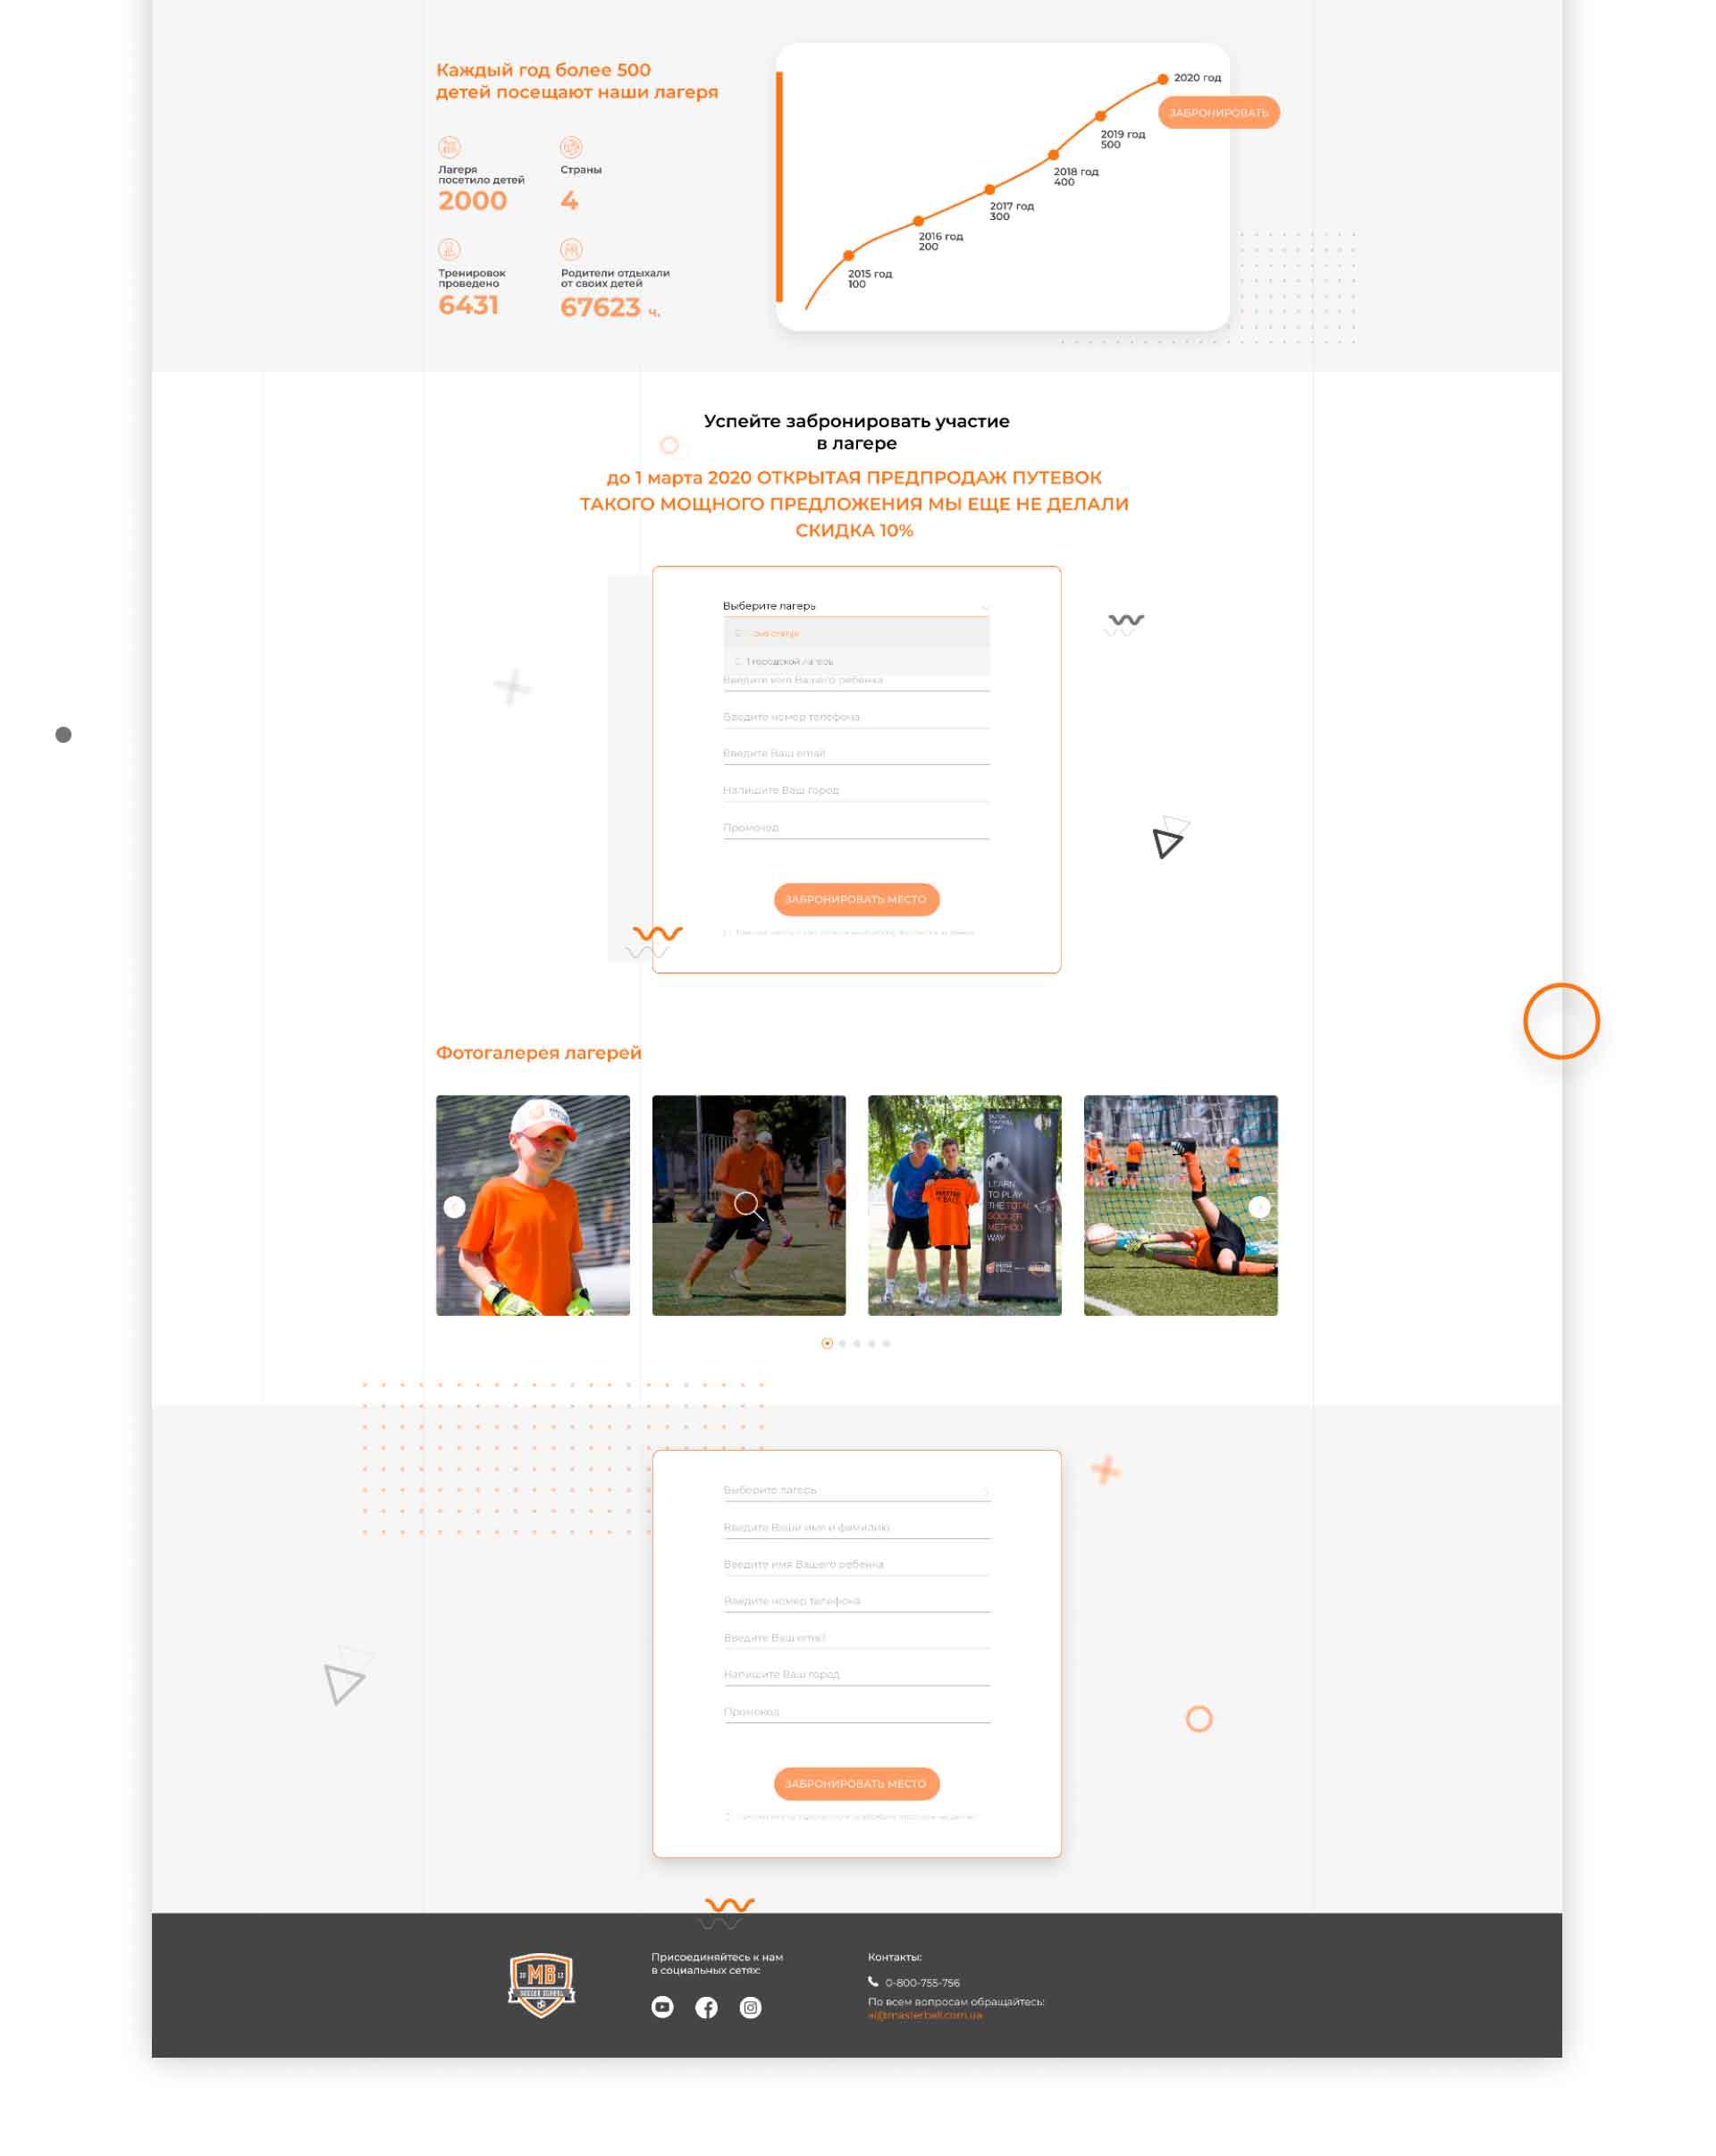 Футбольные лагеря «Мастер мяча» - дизайн сайта